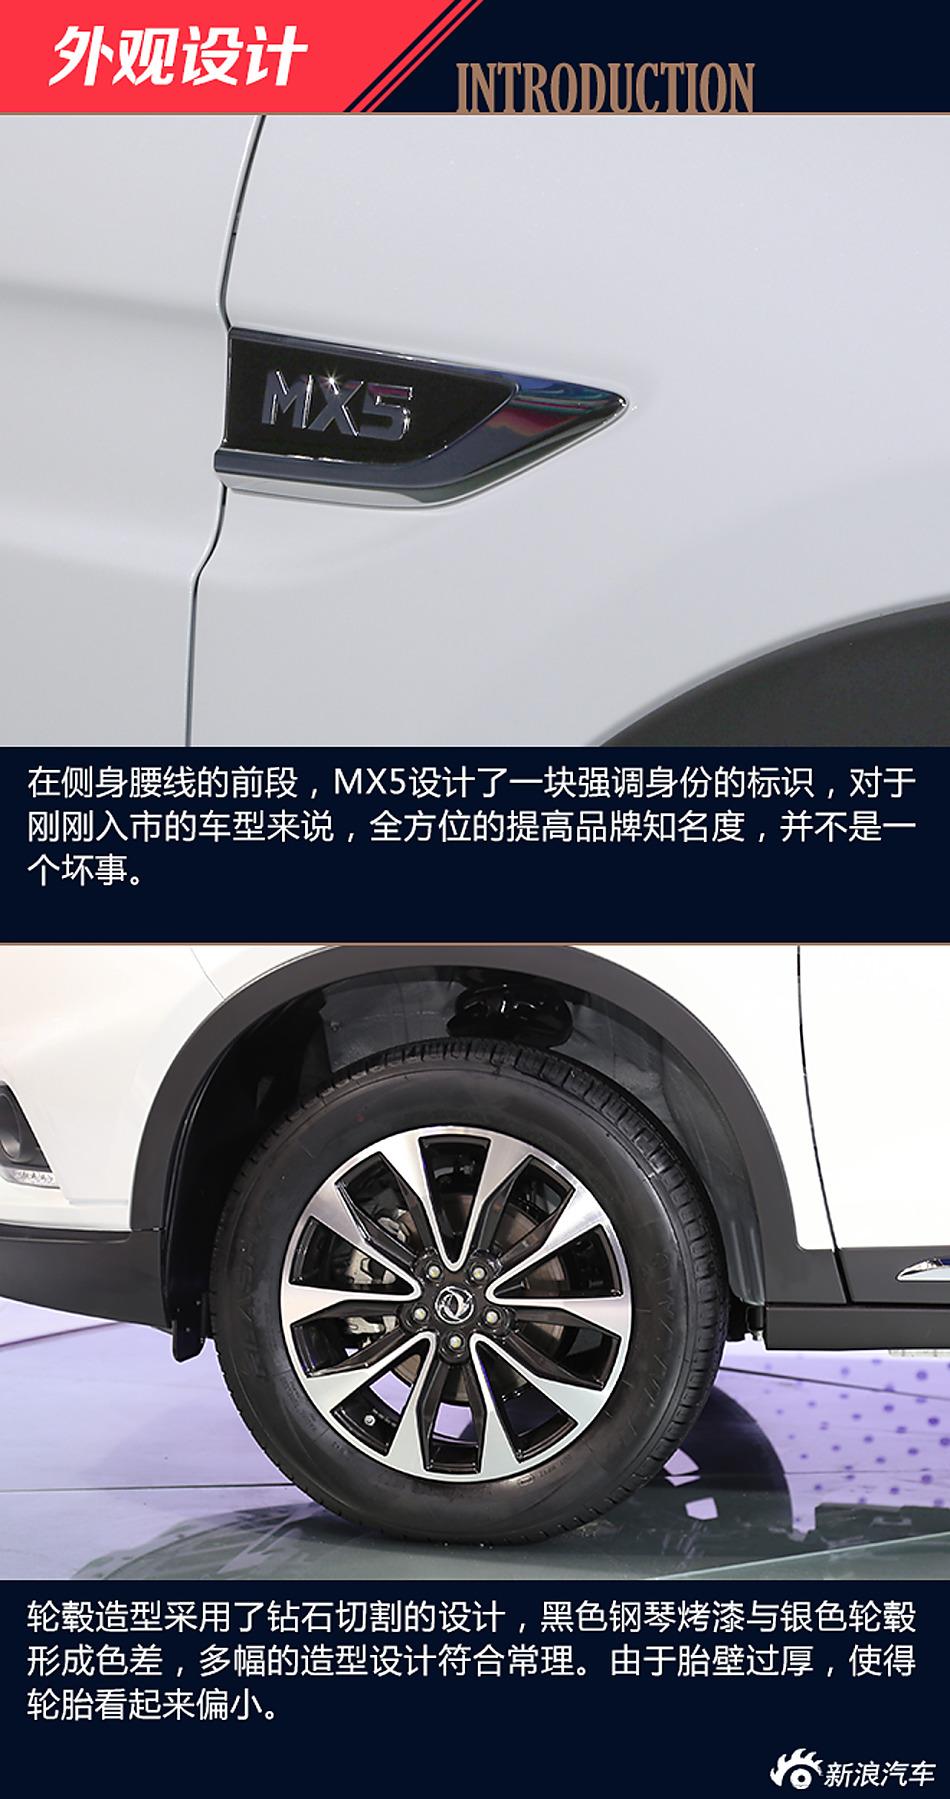 成都车展静态解析东风风度MX5